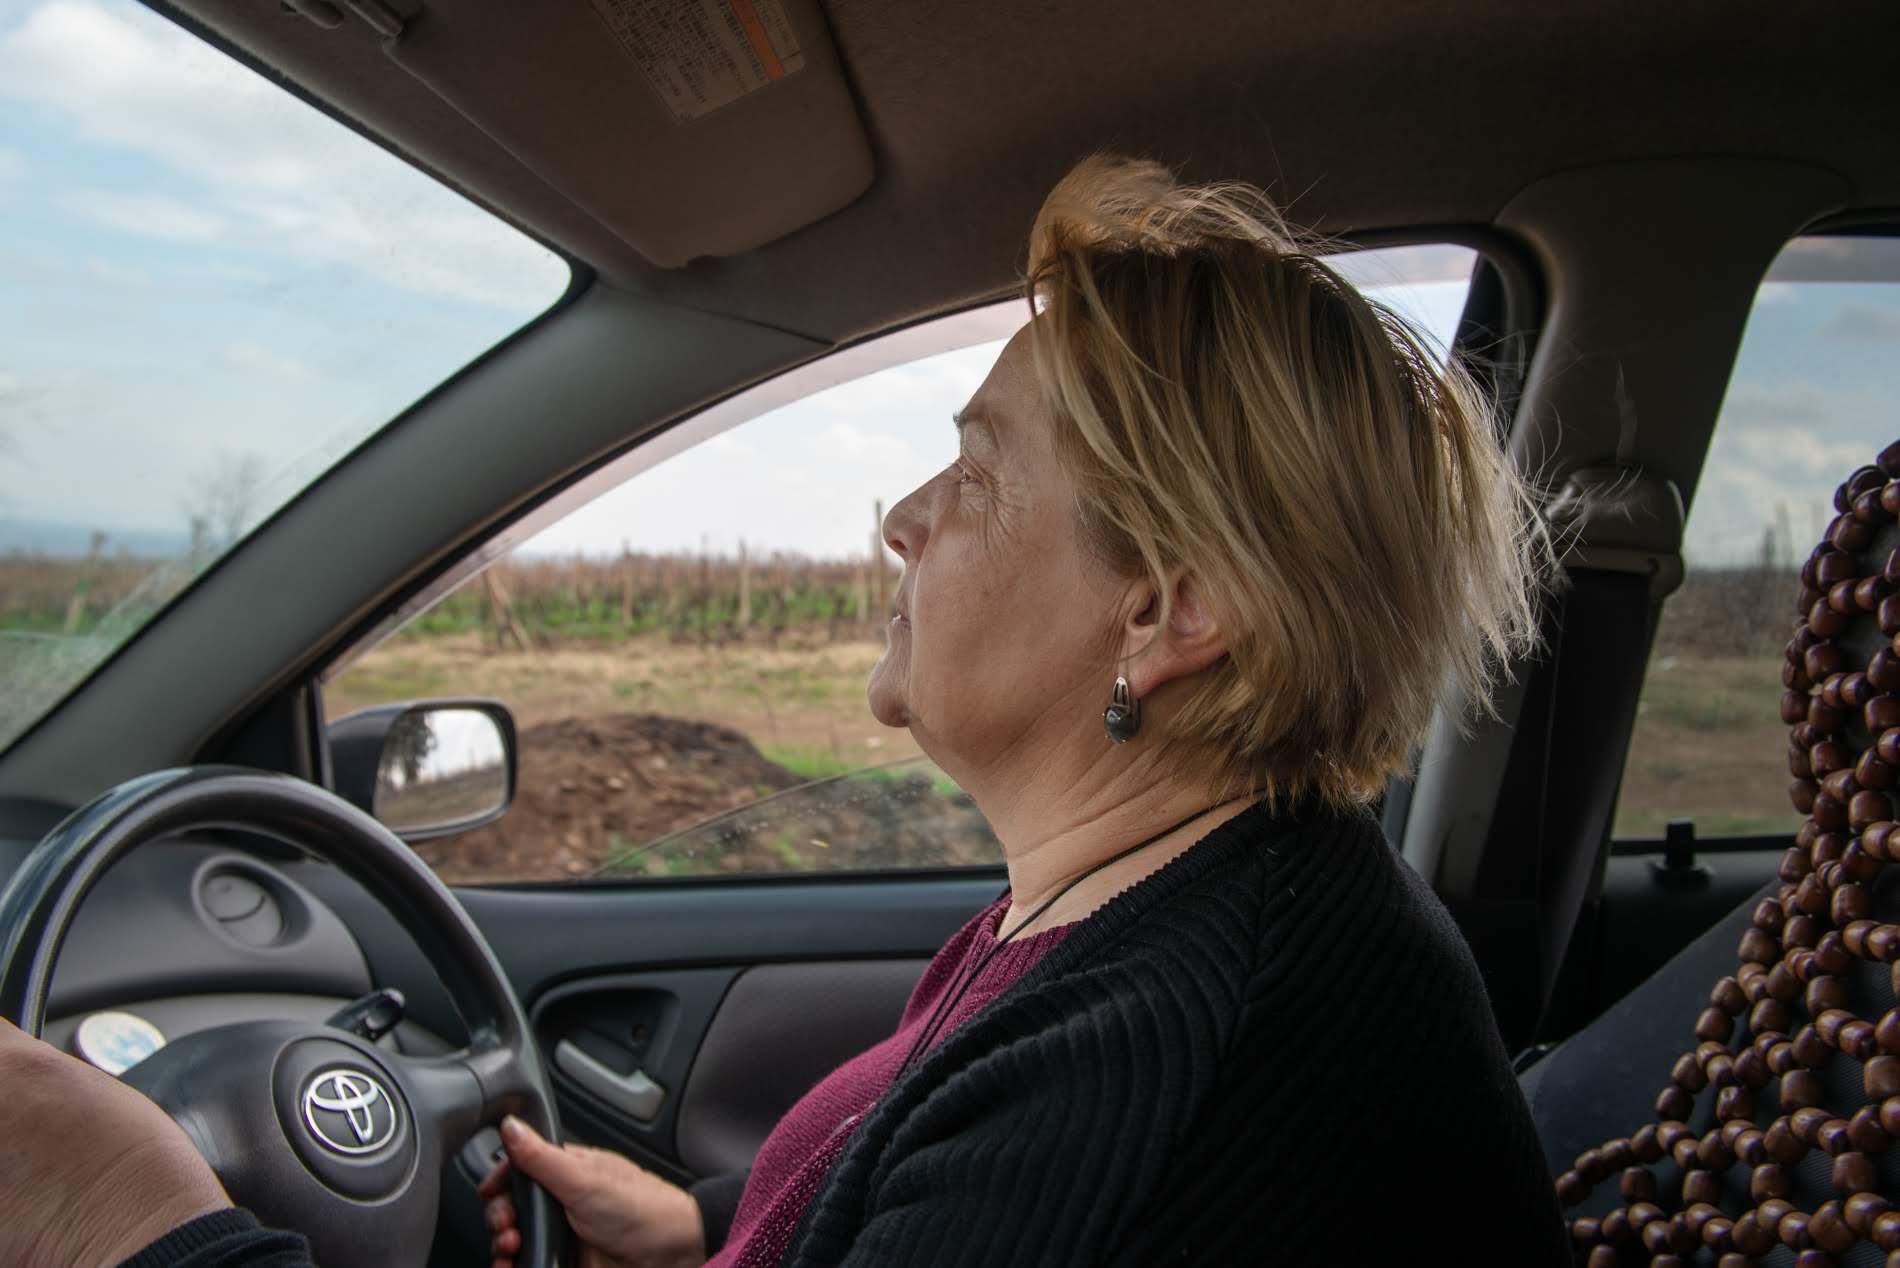 После смерти мужа Марина занялась фермой. Первым делом она получила водительские права. Фото: Тамуна Чкареули / OC Media